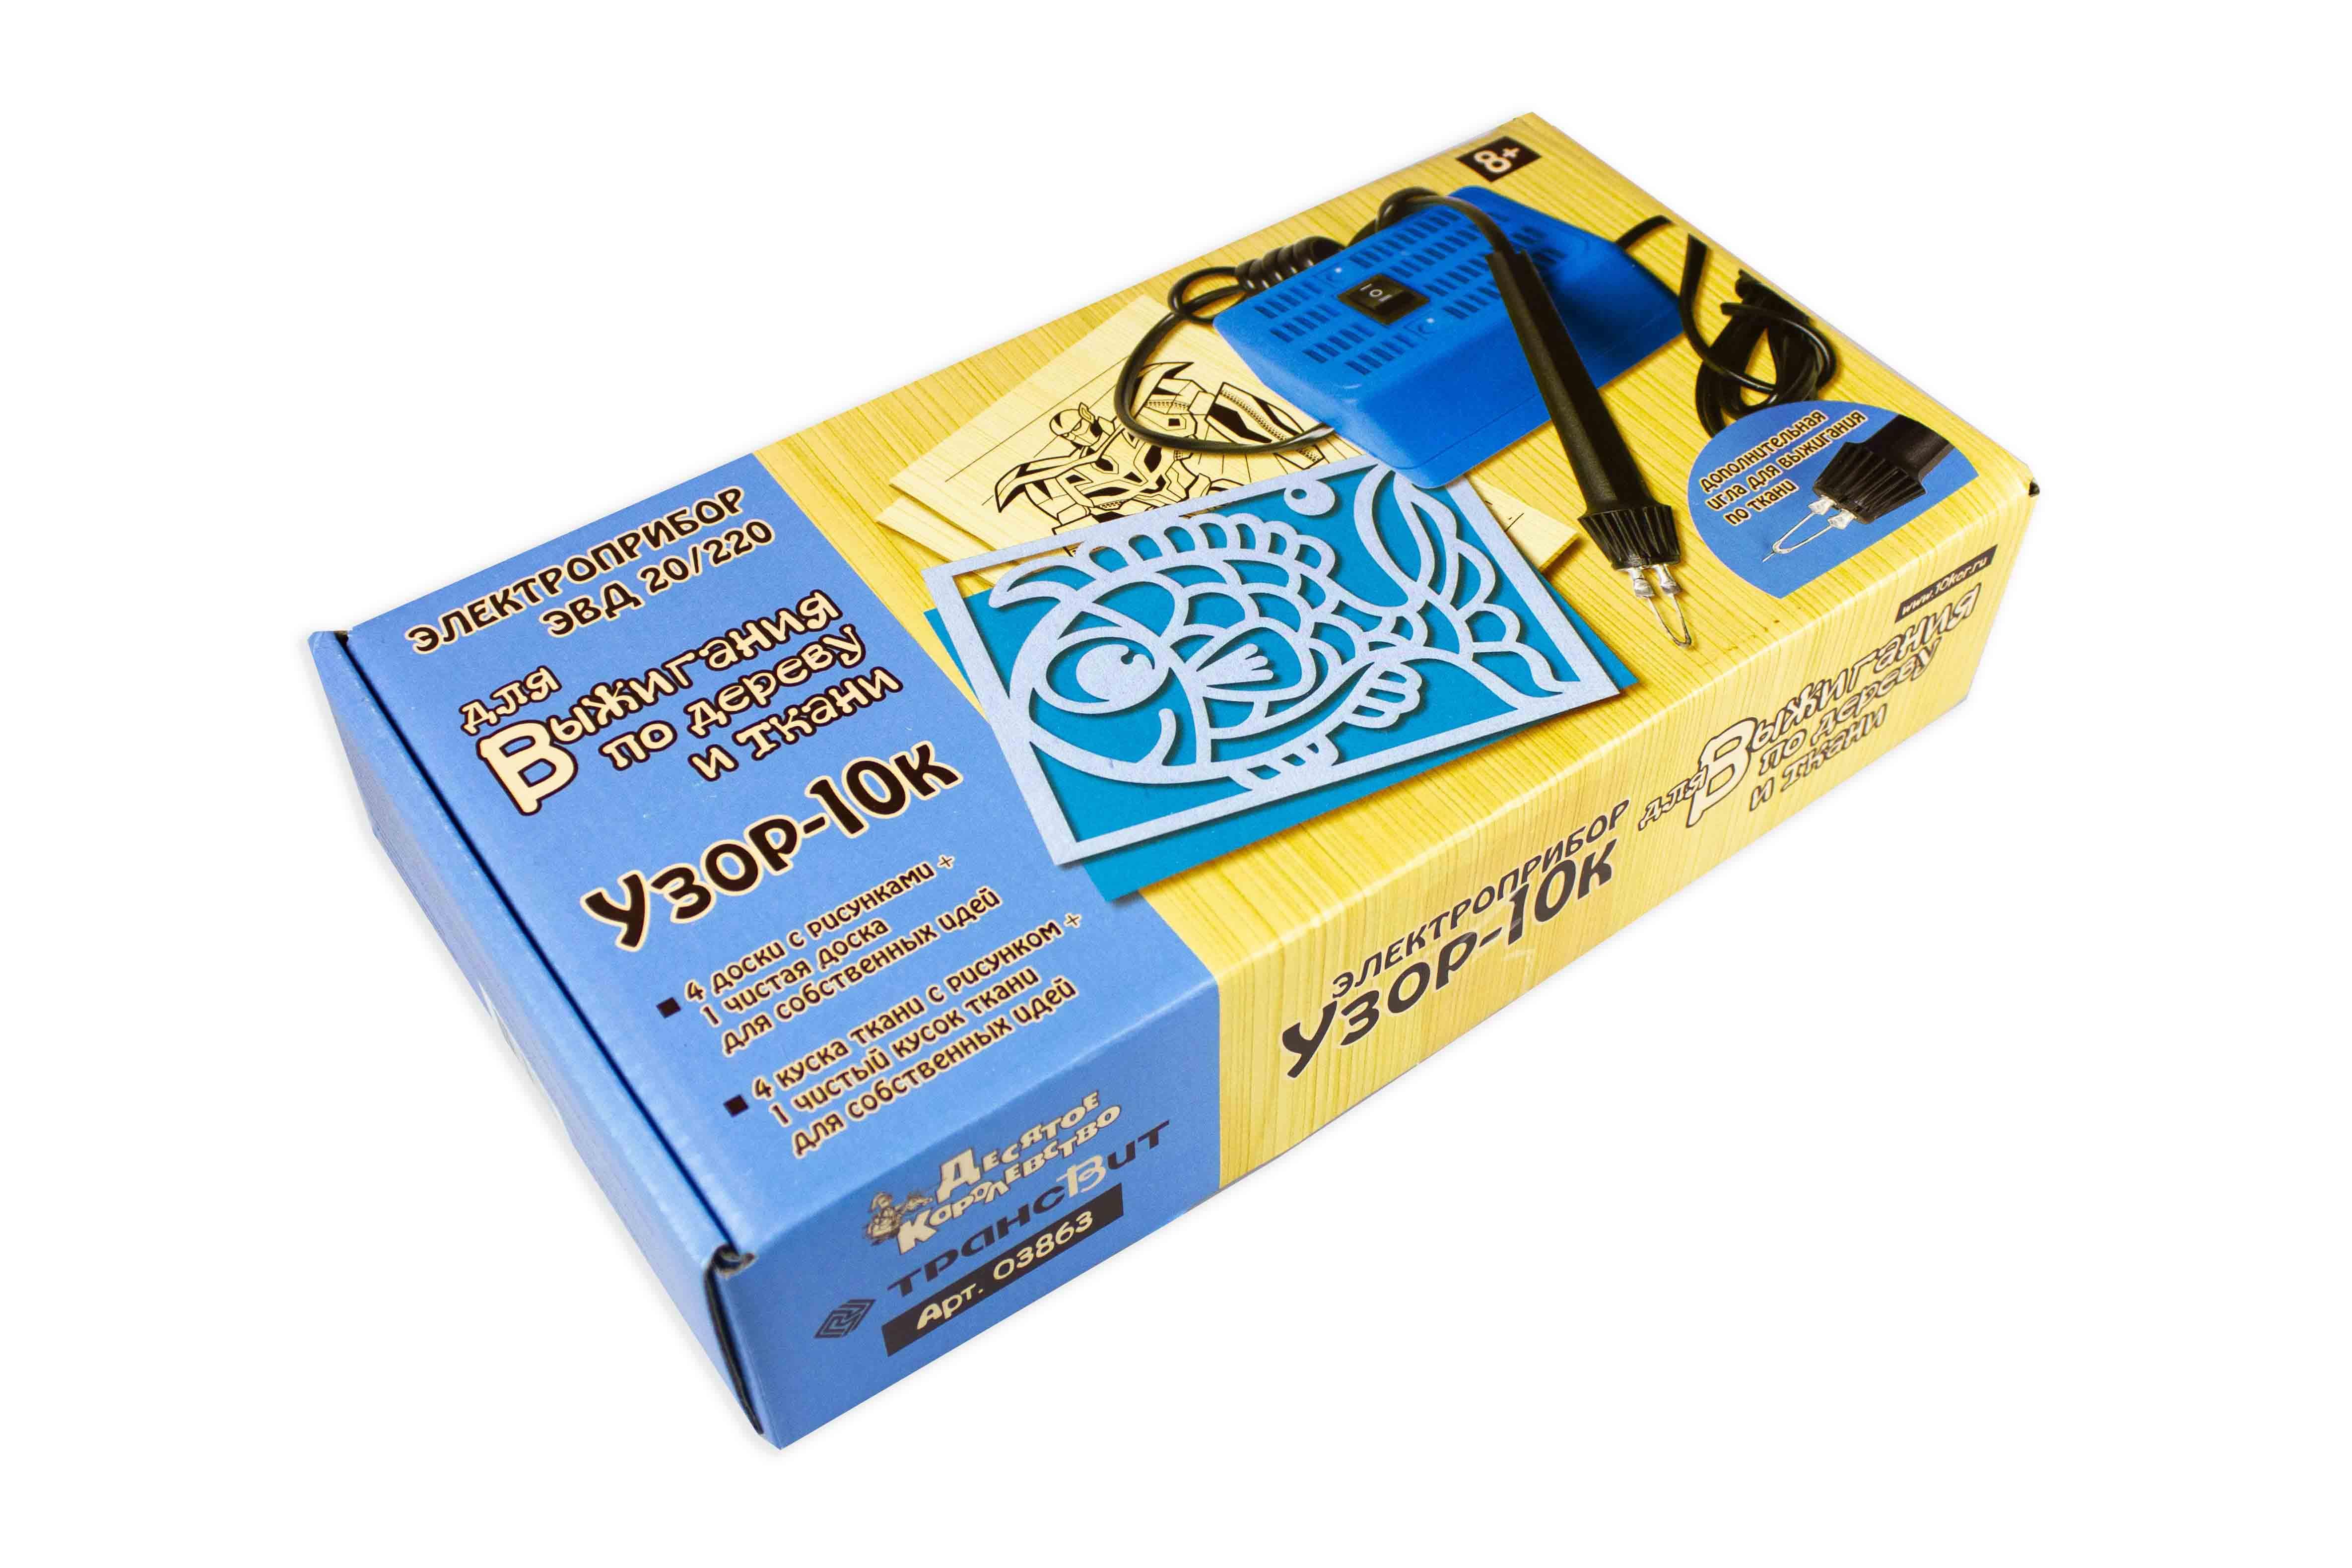 Купить Электроприбор для выжигания по дереву и ткани Узор-10к, 5 досок, 5 кусков ткани, Десятое королевство